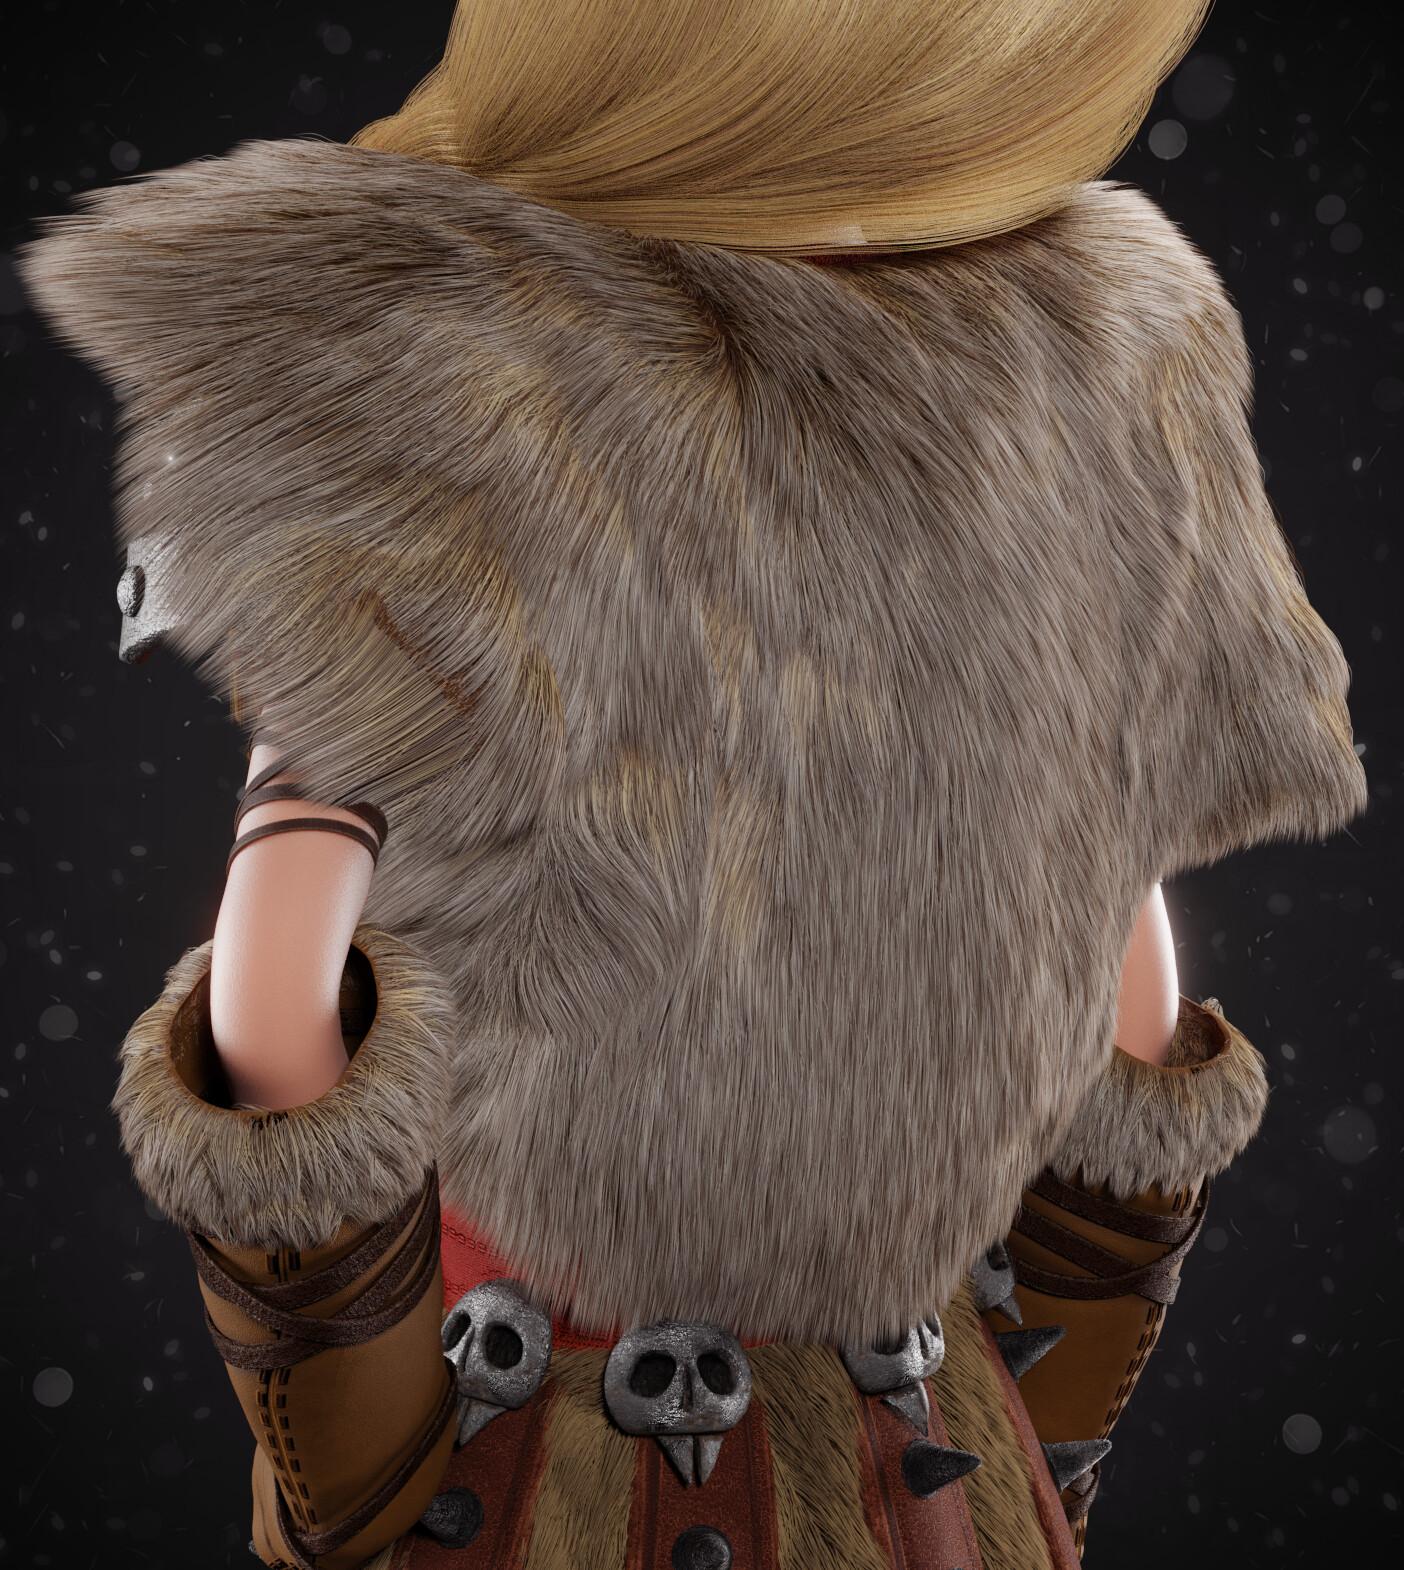 Back fur